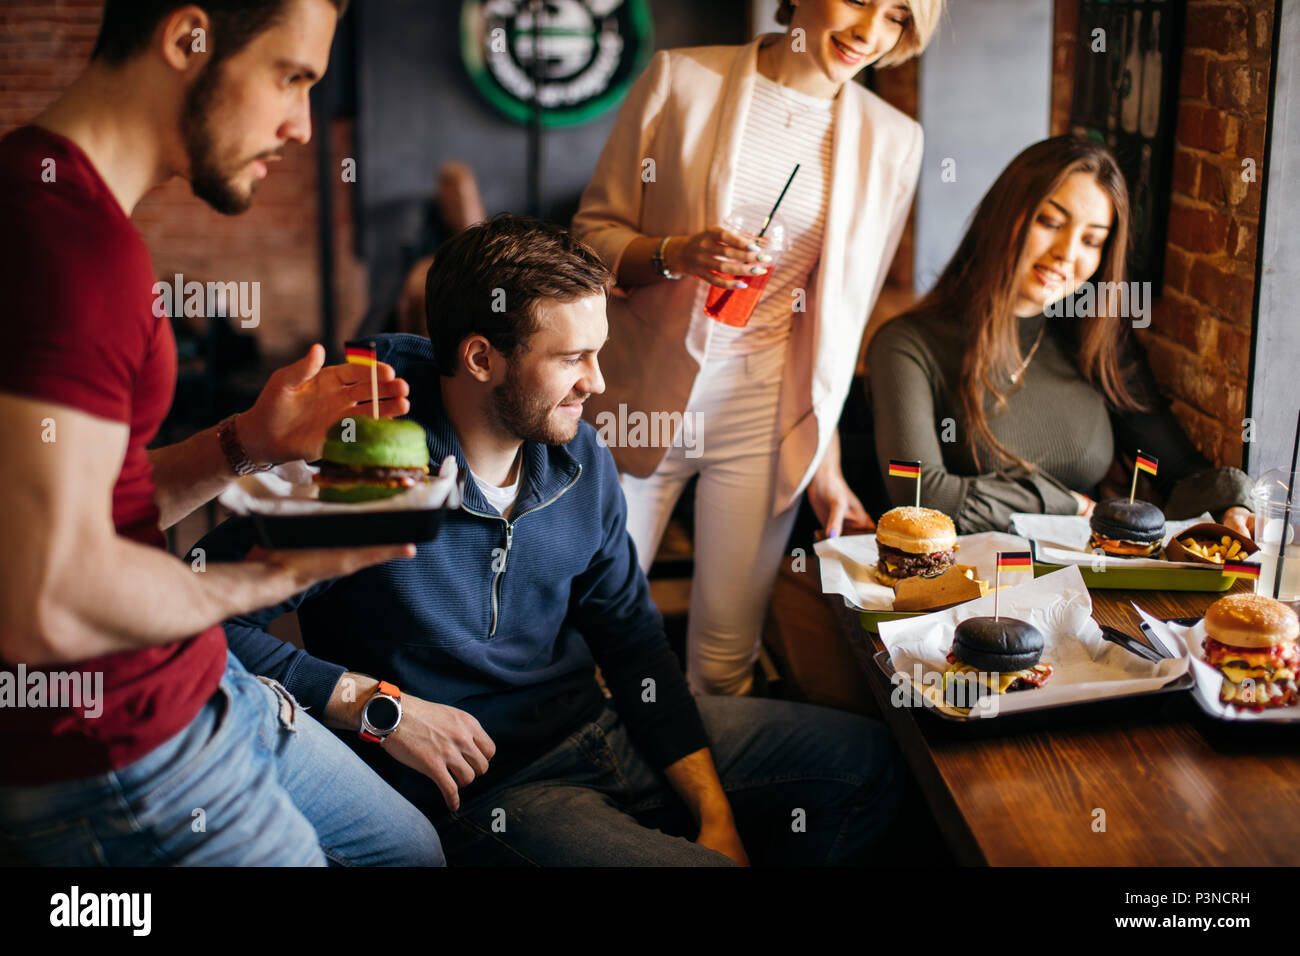 Höfliche junge Kellner bringen bestellt Burger zu Gast im Restaurant Stockbild